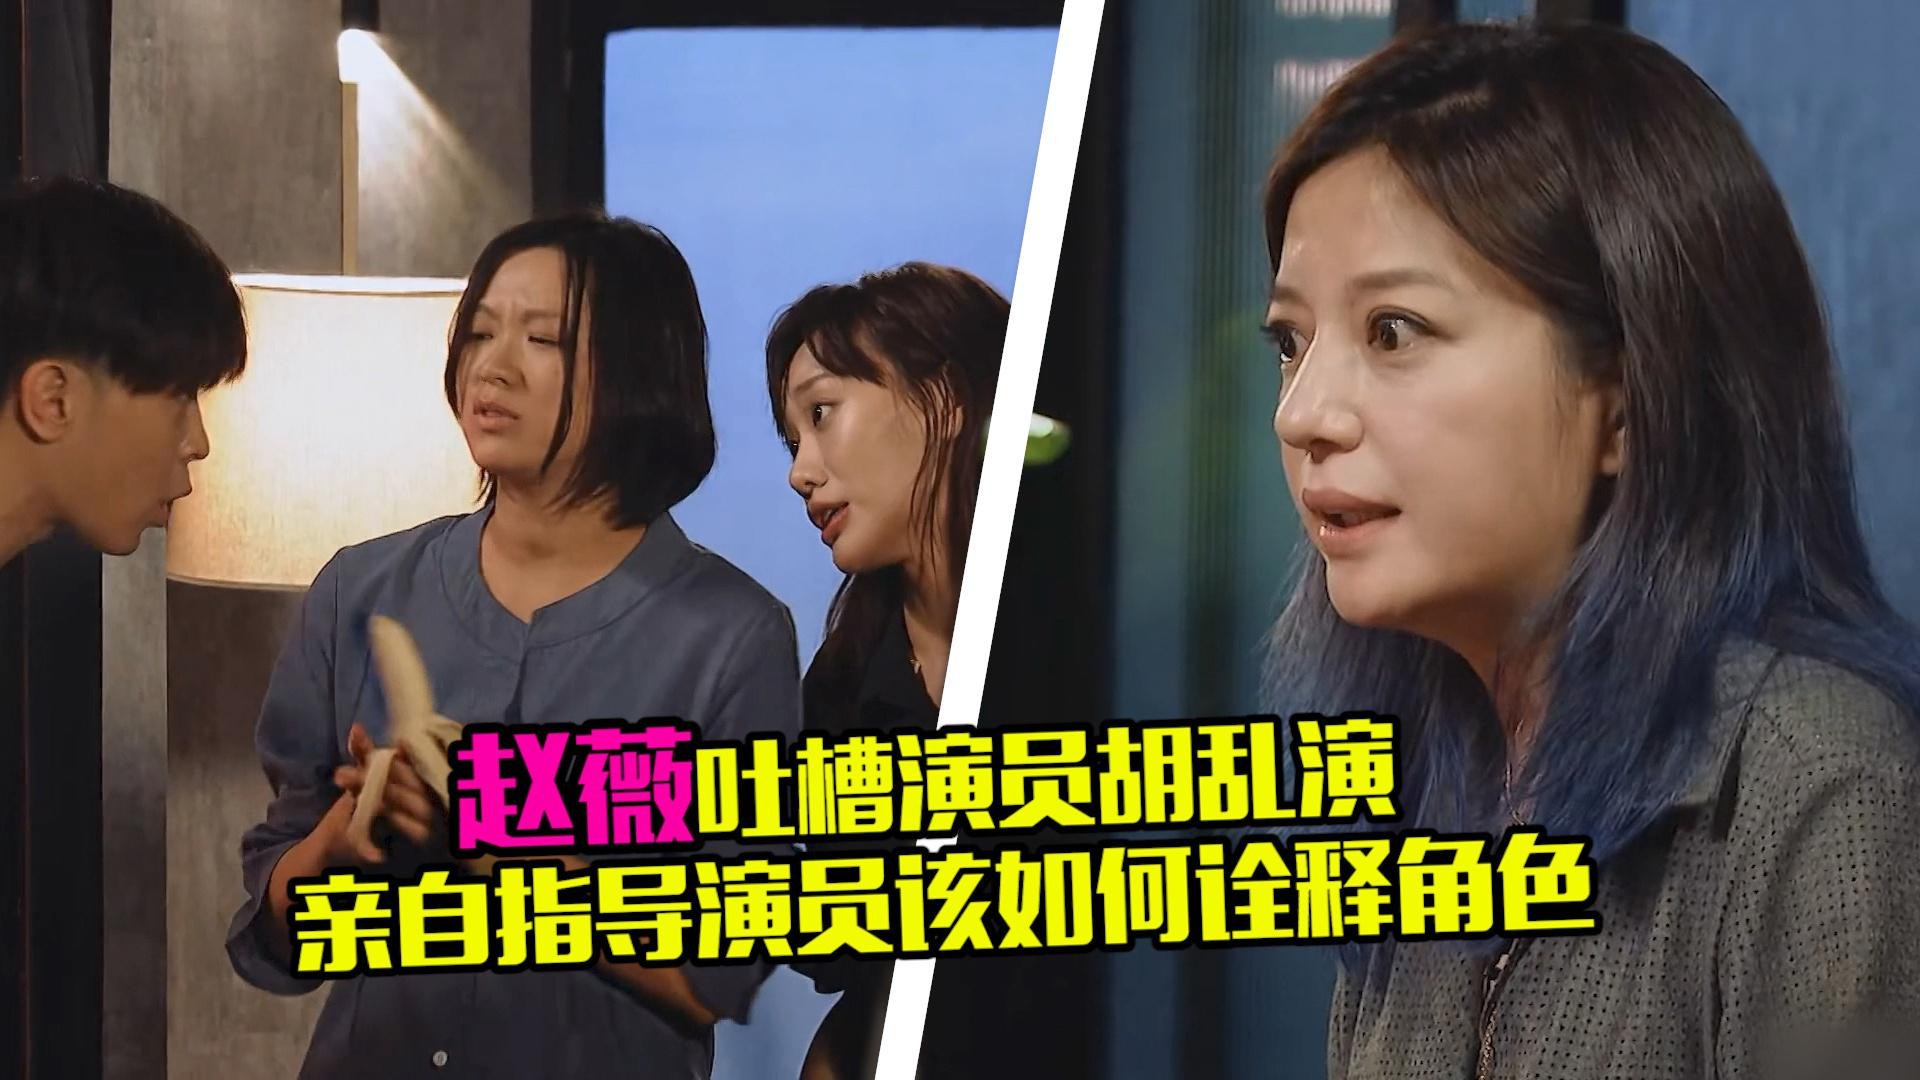 赵薇组排练《寄生虫》配合不当,赵薇满脸严肃不耐:简直是胡闹